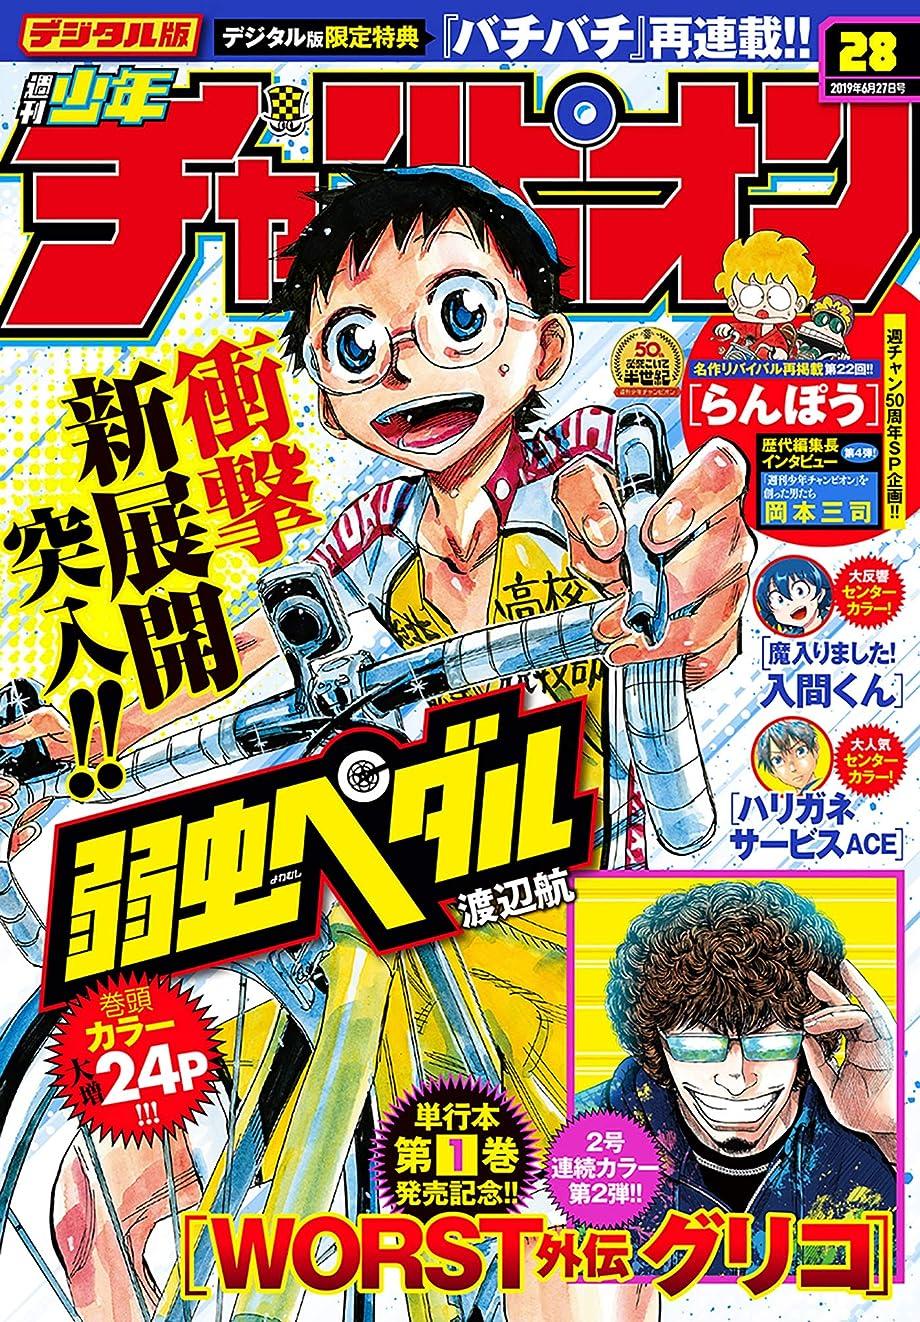 振り子元気な確認週刊少年チャンピオン2019年28号 [雑誌]